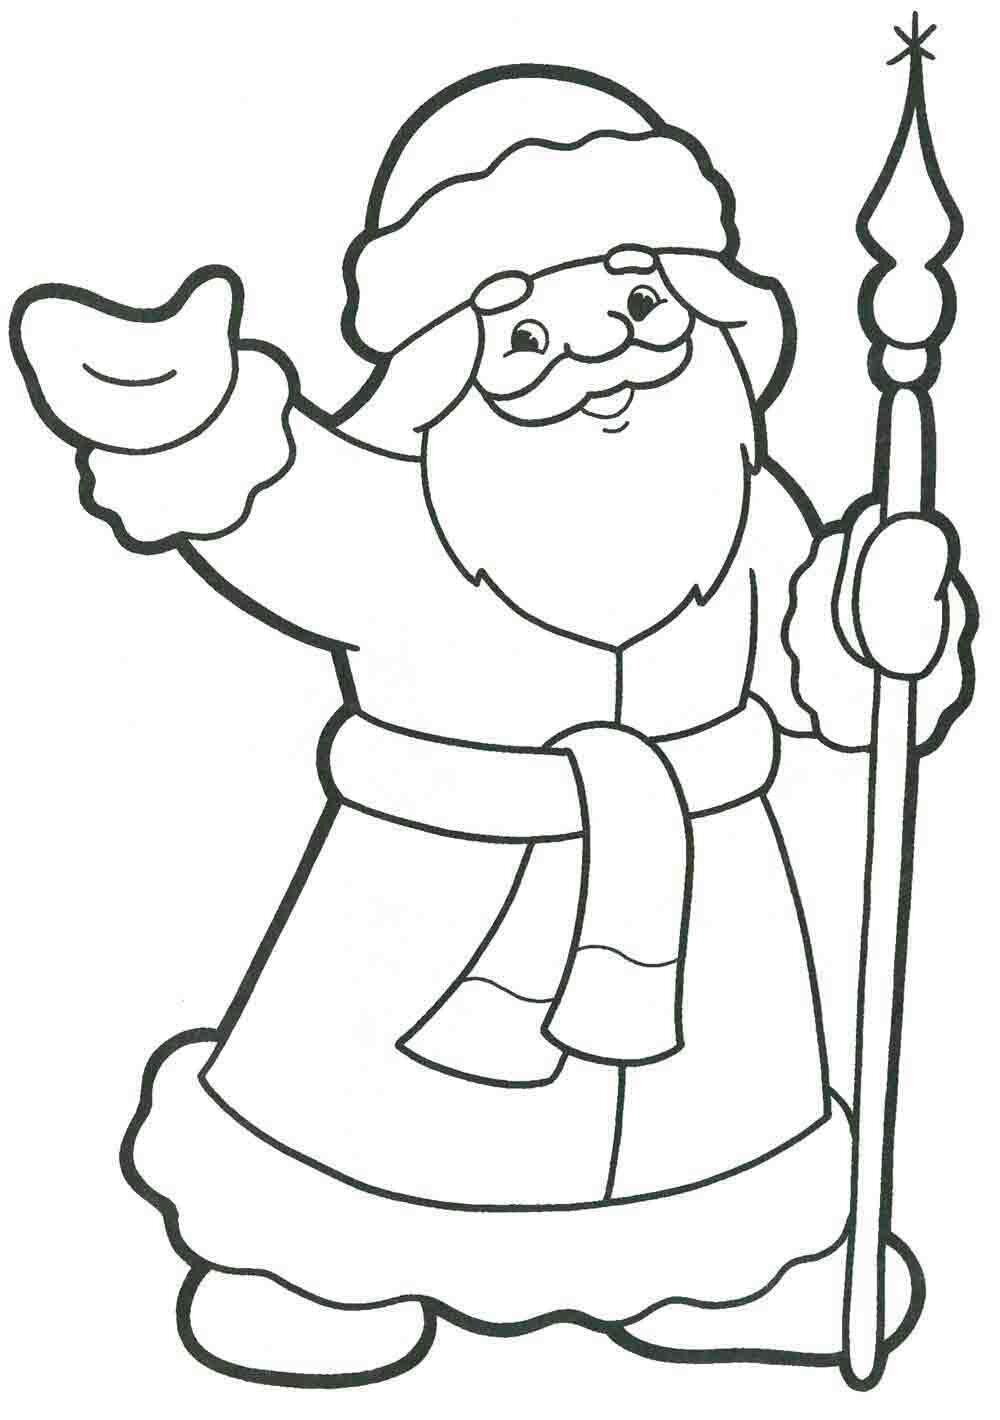 Картинки, картинки с новым годом для срисовки для детей